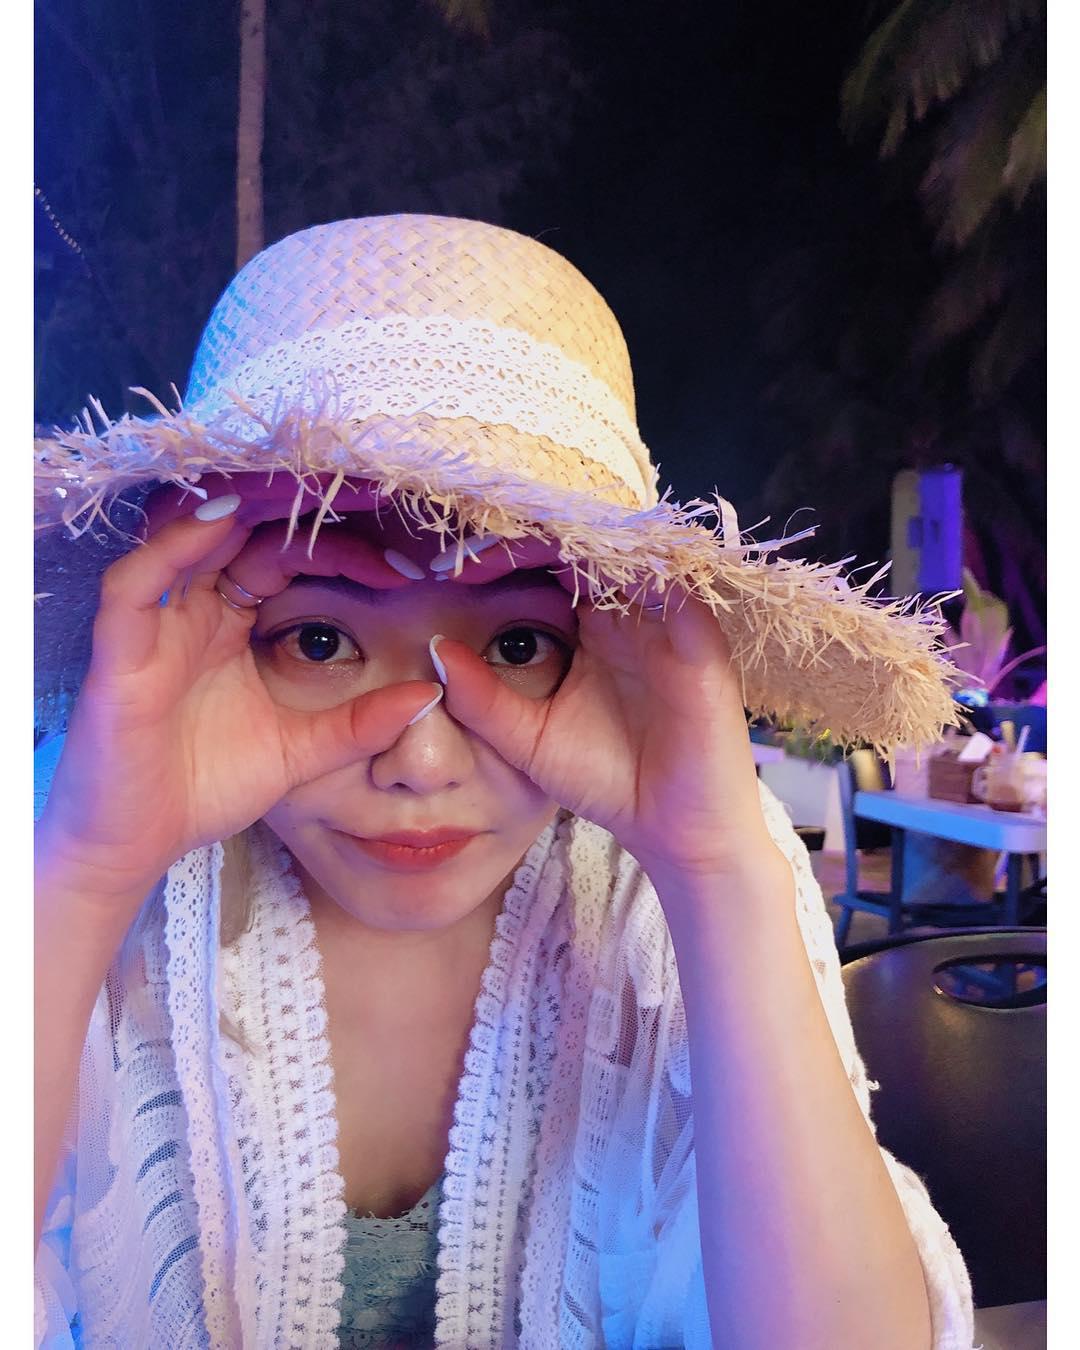 [分享]190424 这假期长得让人慕了 孝渊清凉装出镜十分惬意